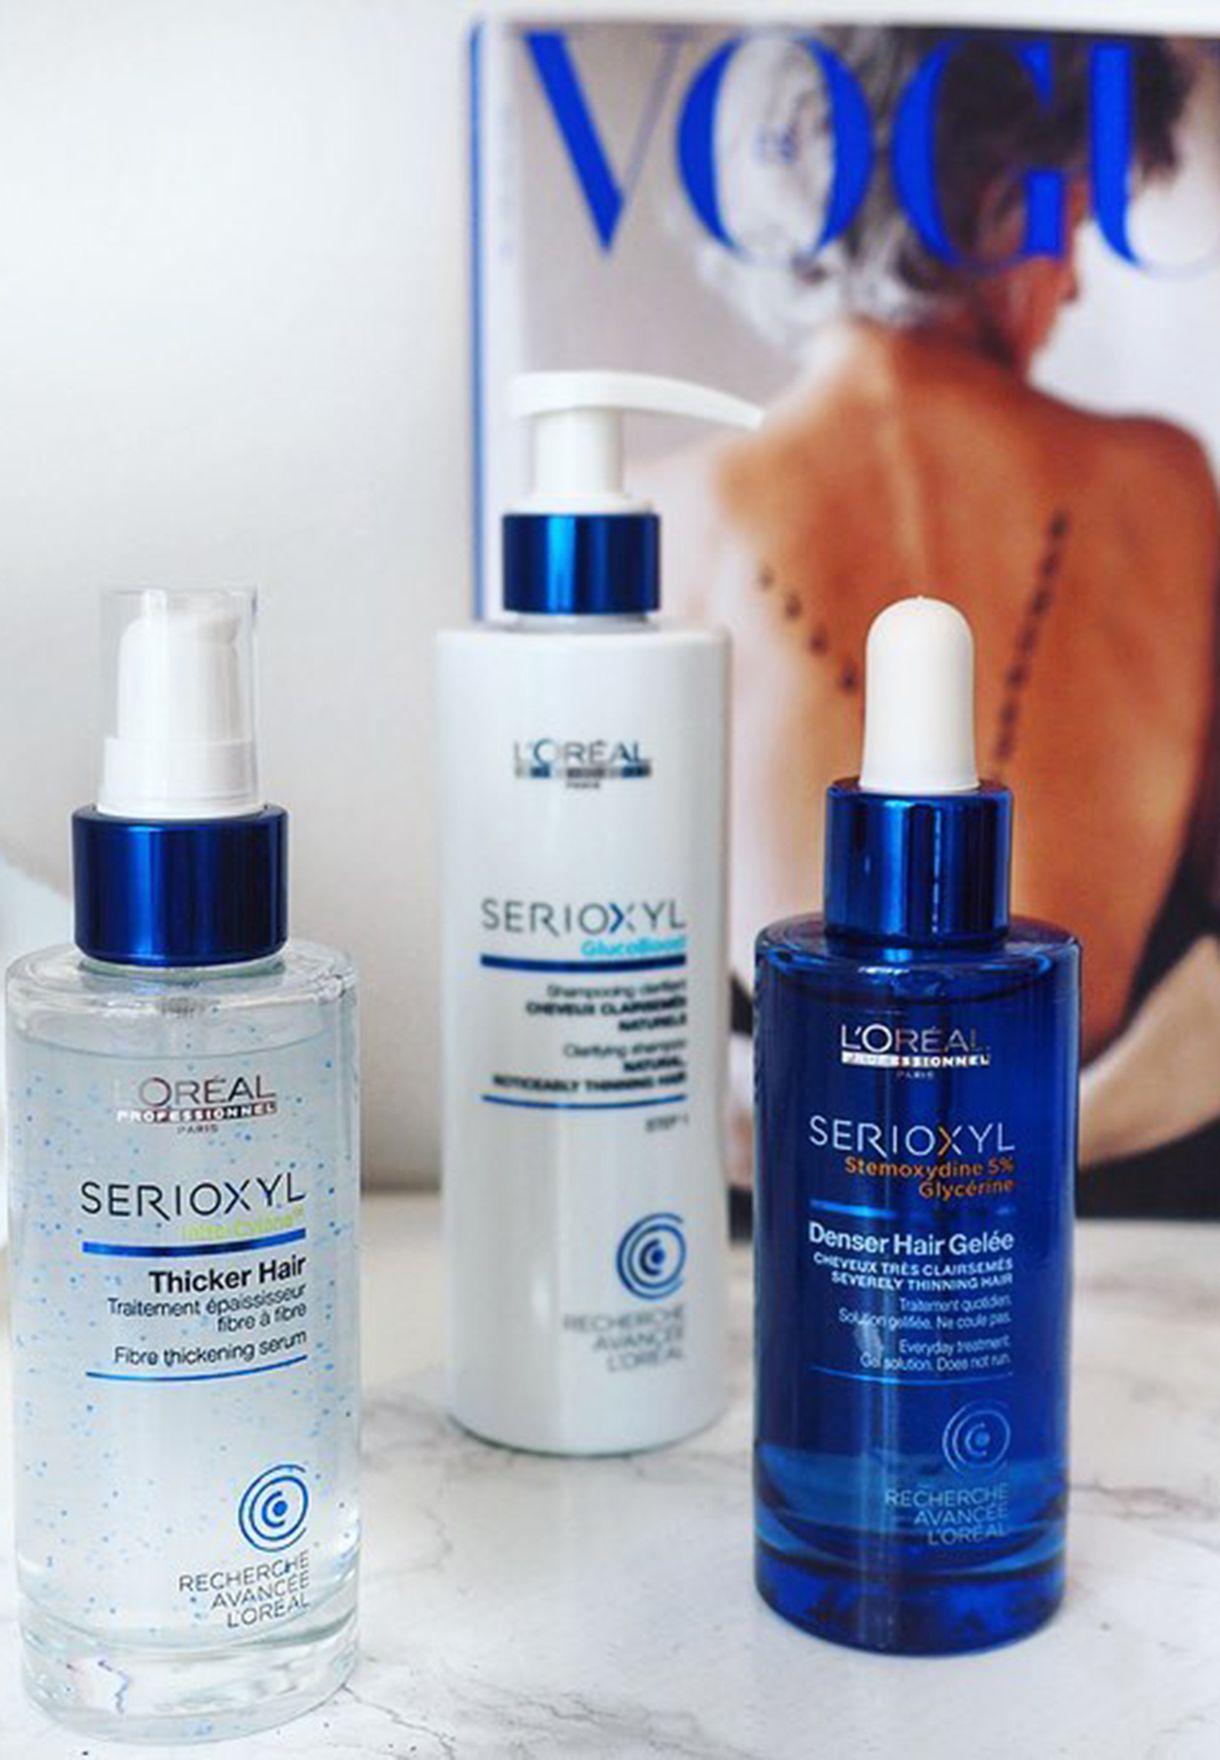 Serioxyl Denser Hair Serum For Thin To Fine Hair